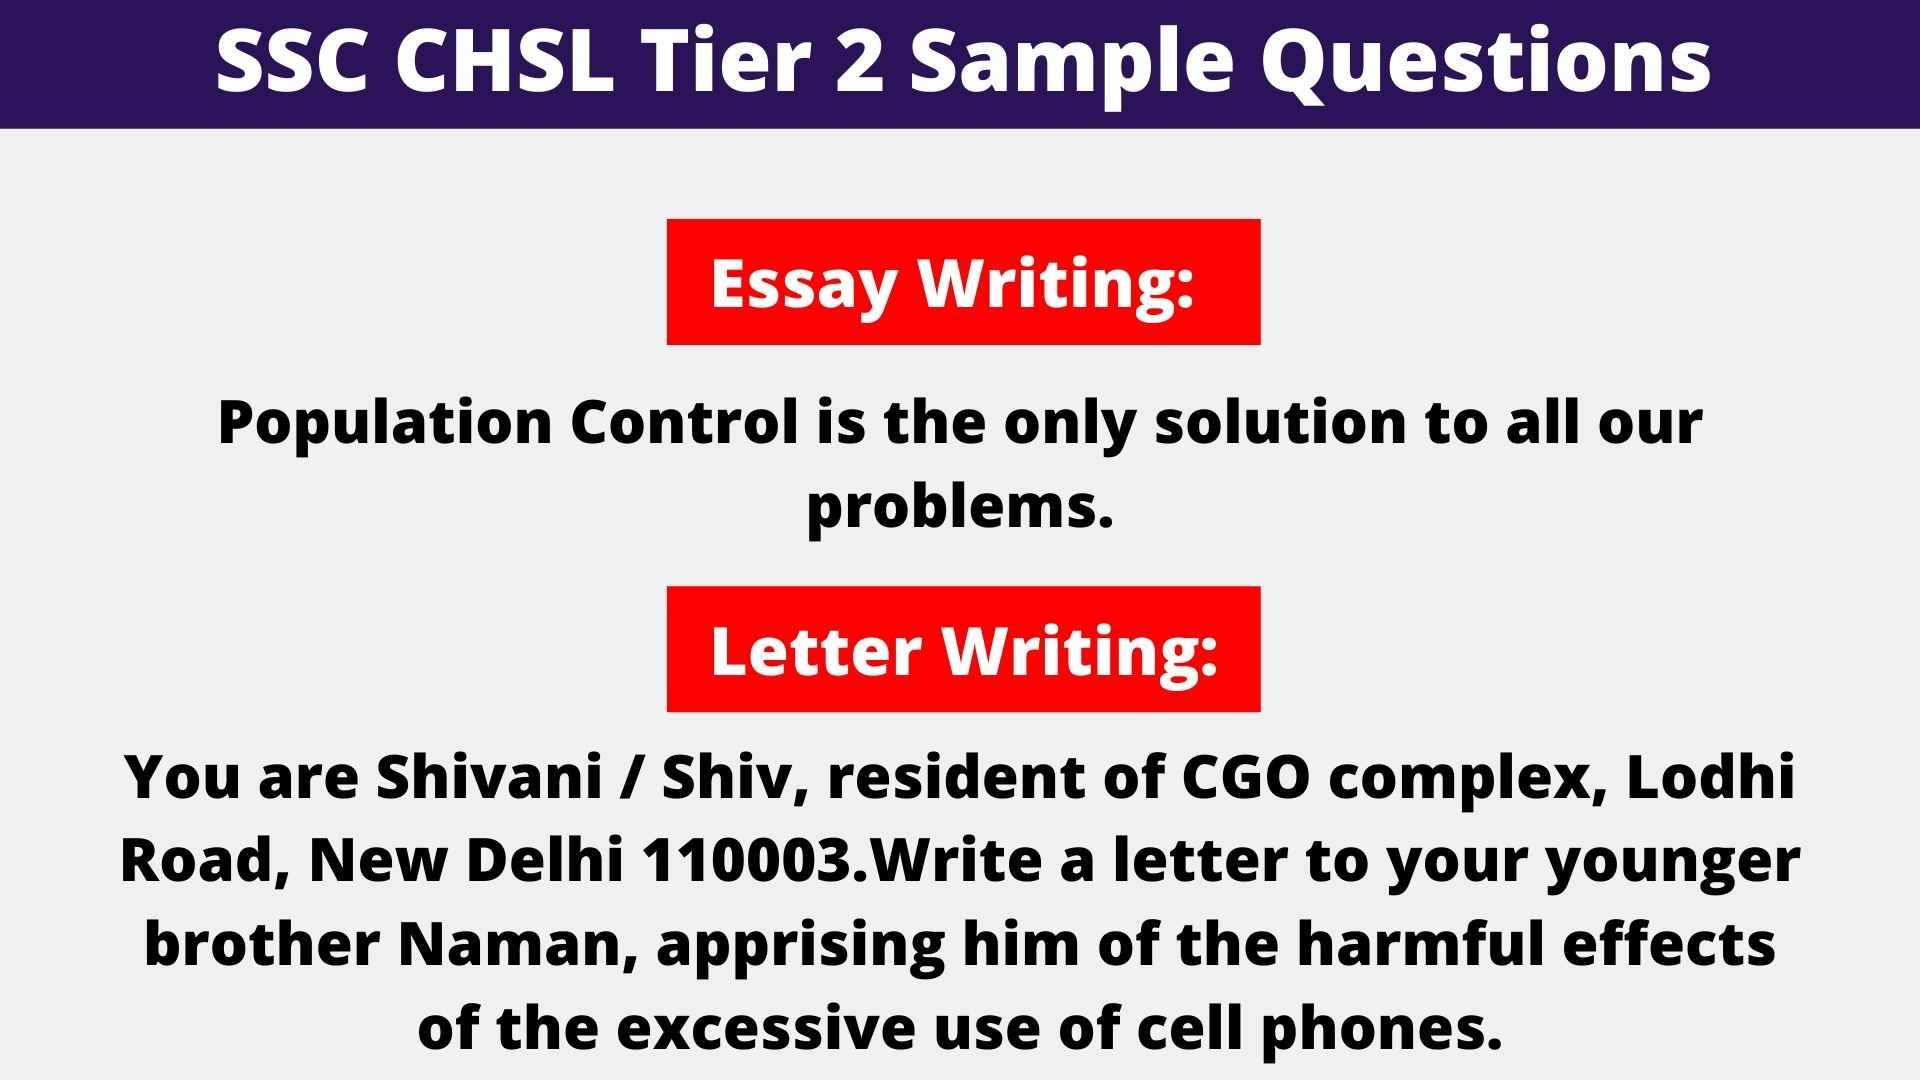 SSC CHSL Questions